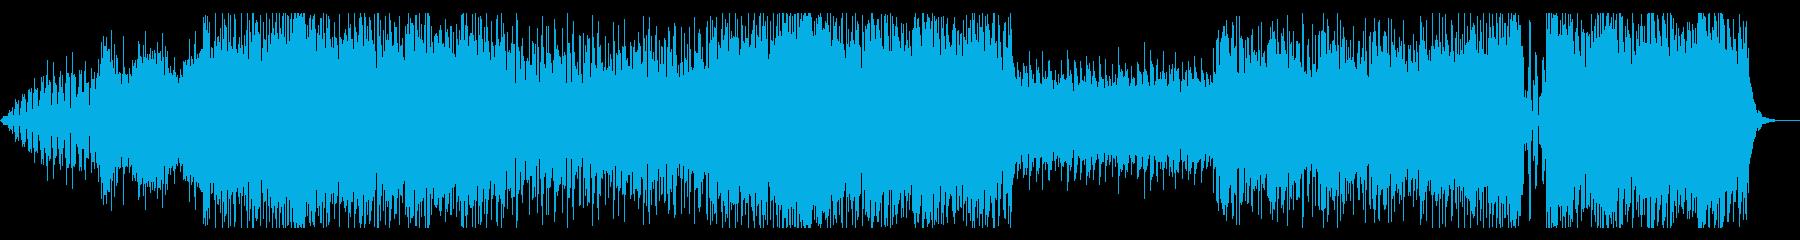 テンション上がるエレクトロミュージックの再生済みの波形